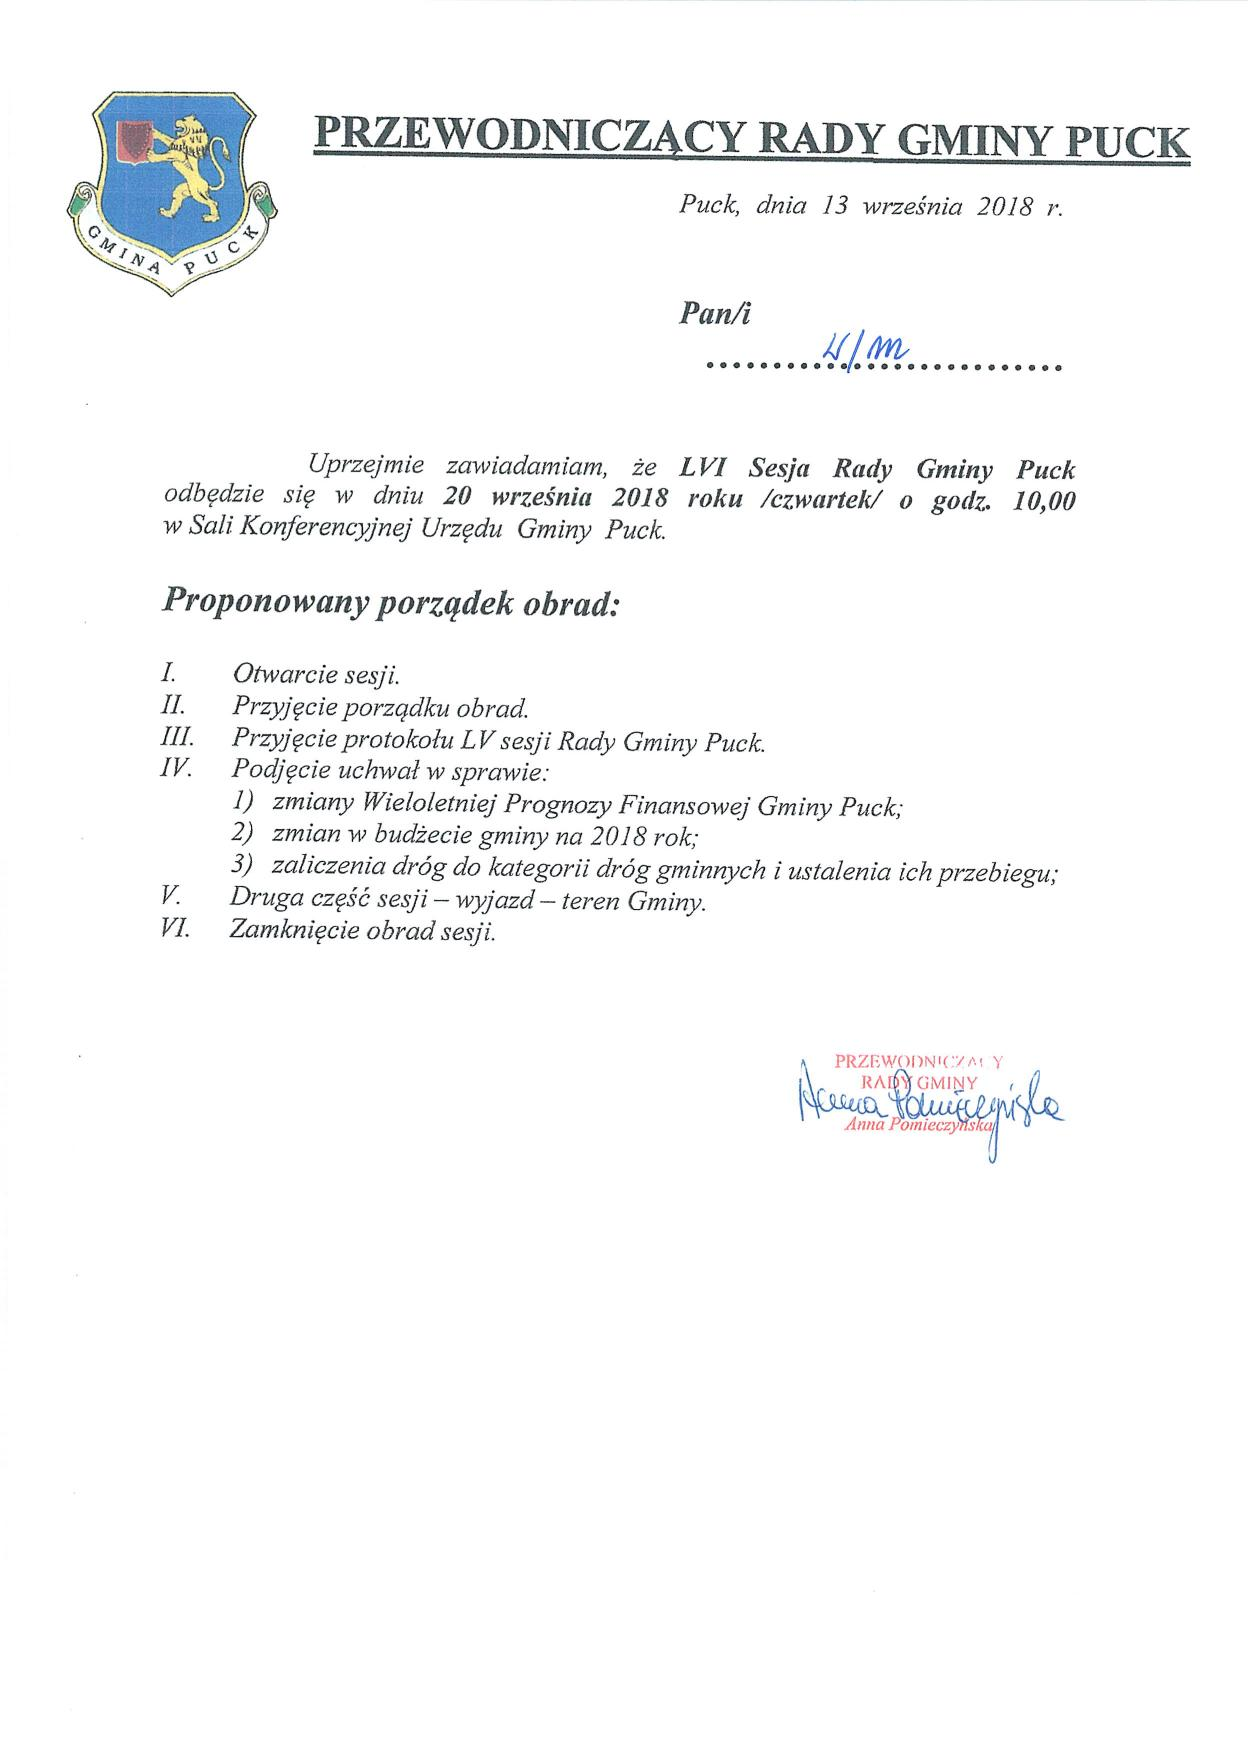 Proponowany porządek obrad LVI sesji Rady Gminy Puck w dniu 20 września 2018 r._01